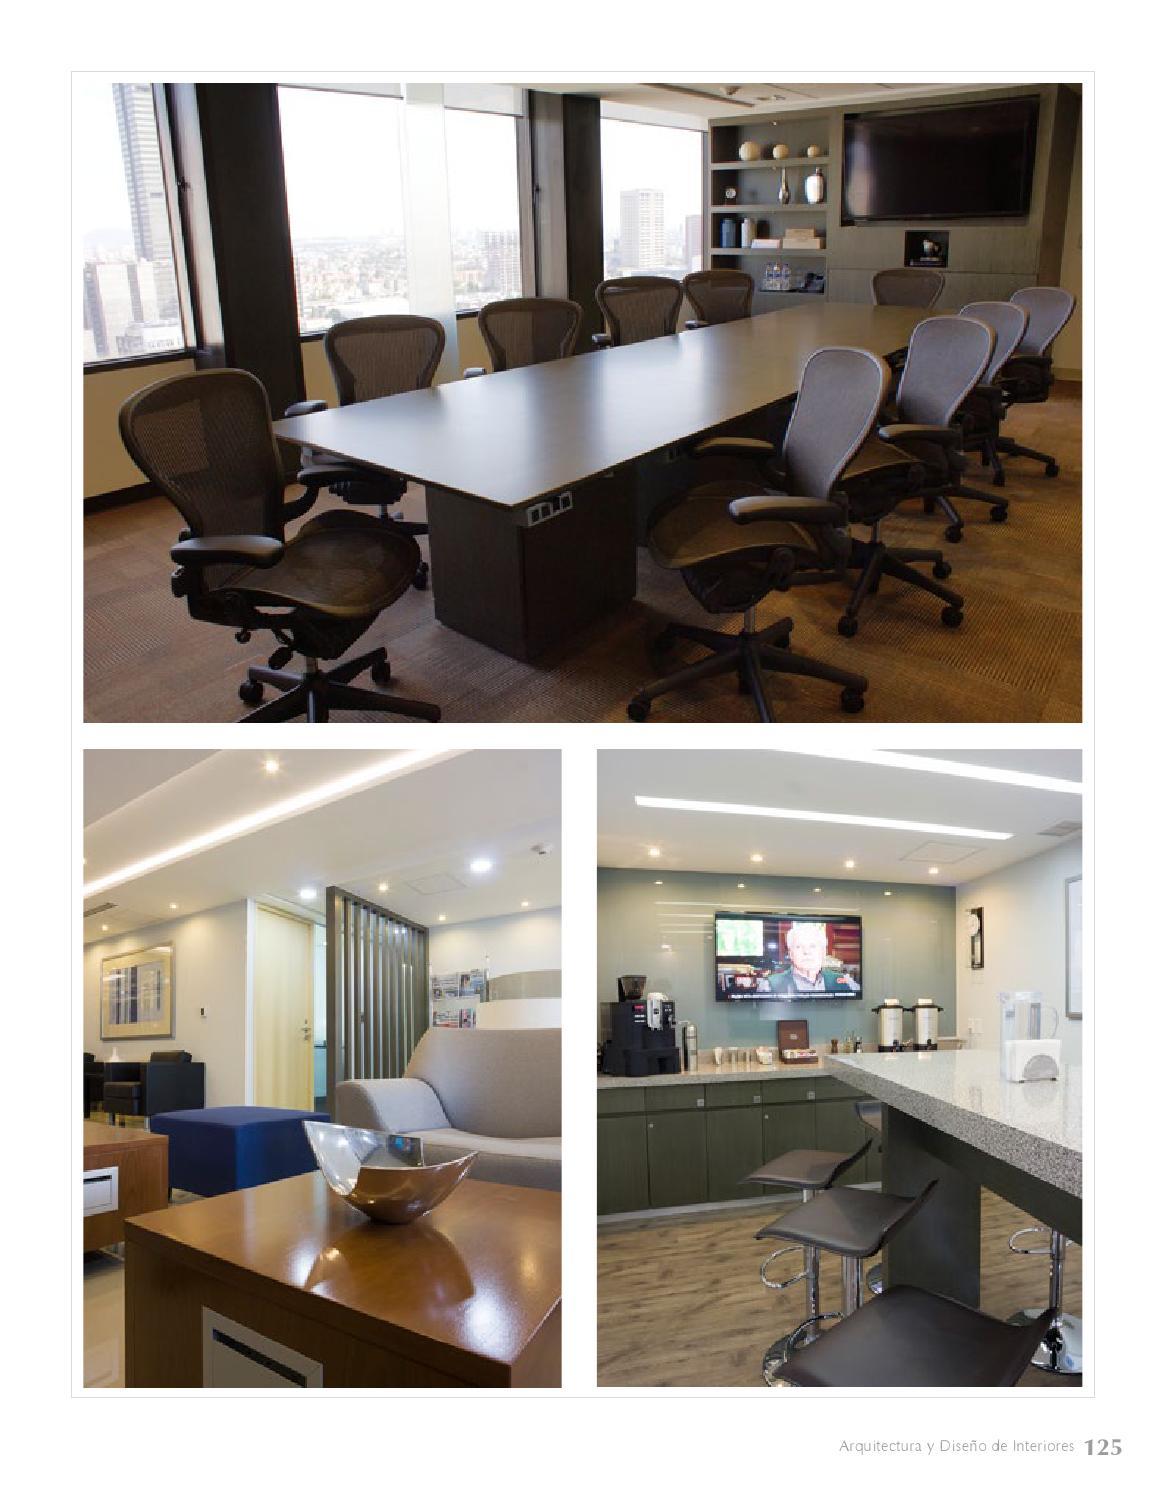 Arquitectura y dise o de interiores 95 by arquitectura y for Arquitectura de interiores